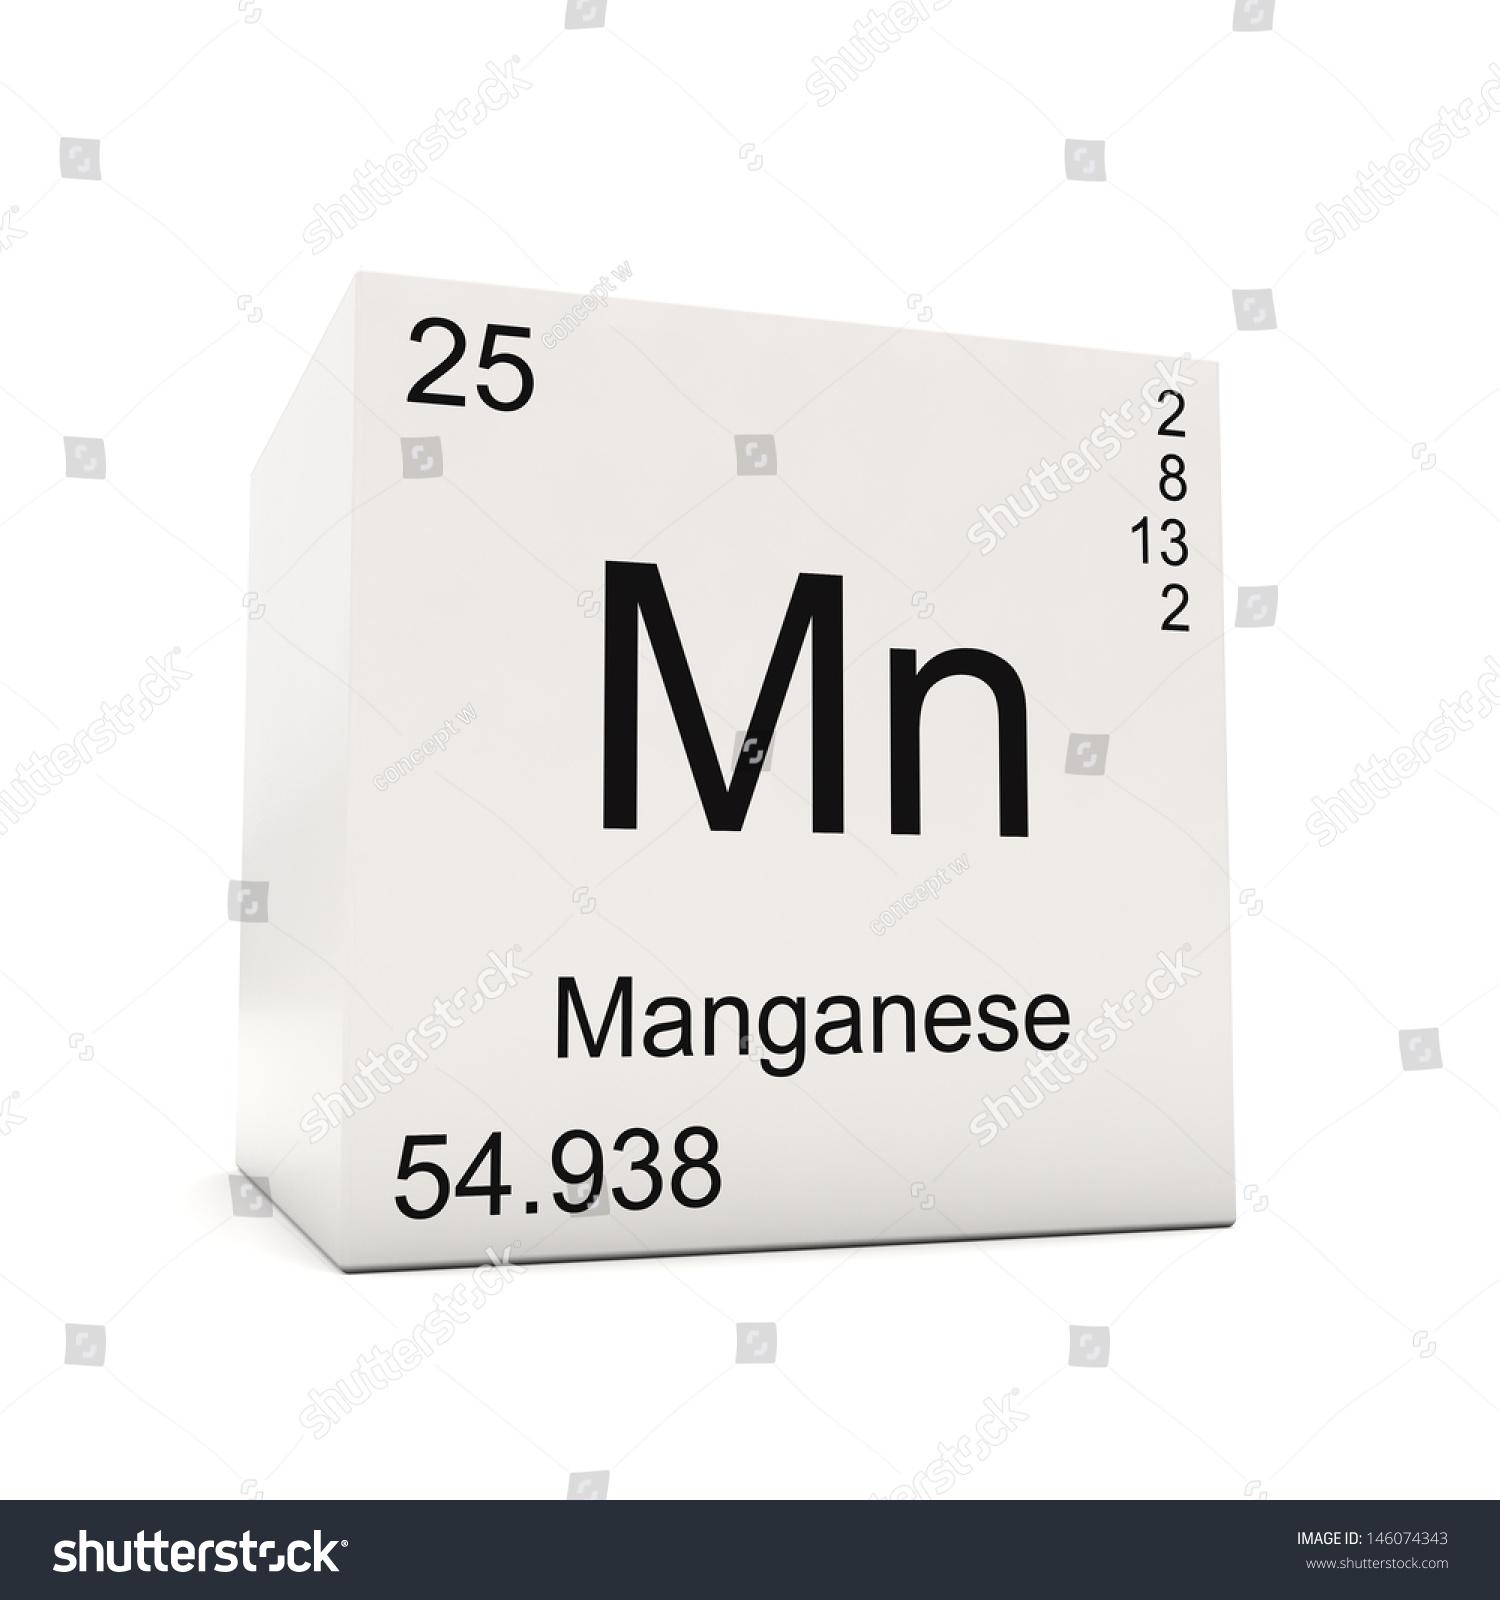 Cube manganese element periodic table isolated stock illustration cube of manganese element of the periodic table isolated on white background gamestrikefo Images